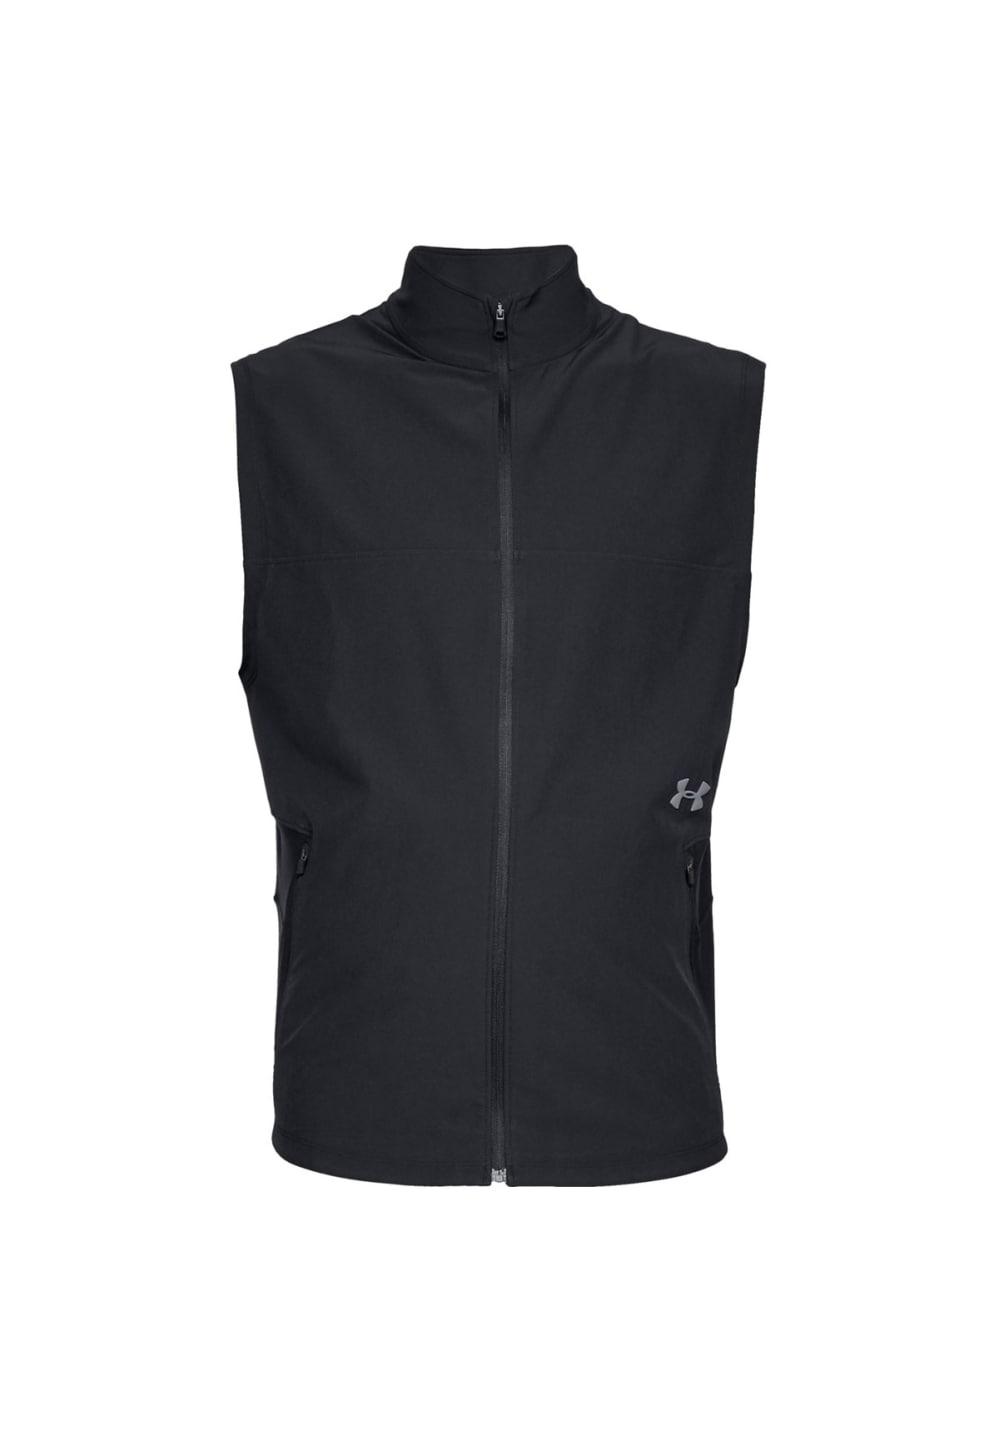 90fce967cd3df Next. Under Armour. Threadborne Vanish Vest - Running jackets for Men.  €69.95. incl.